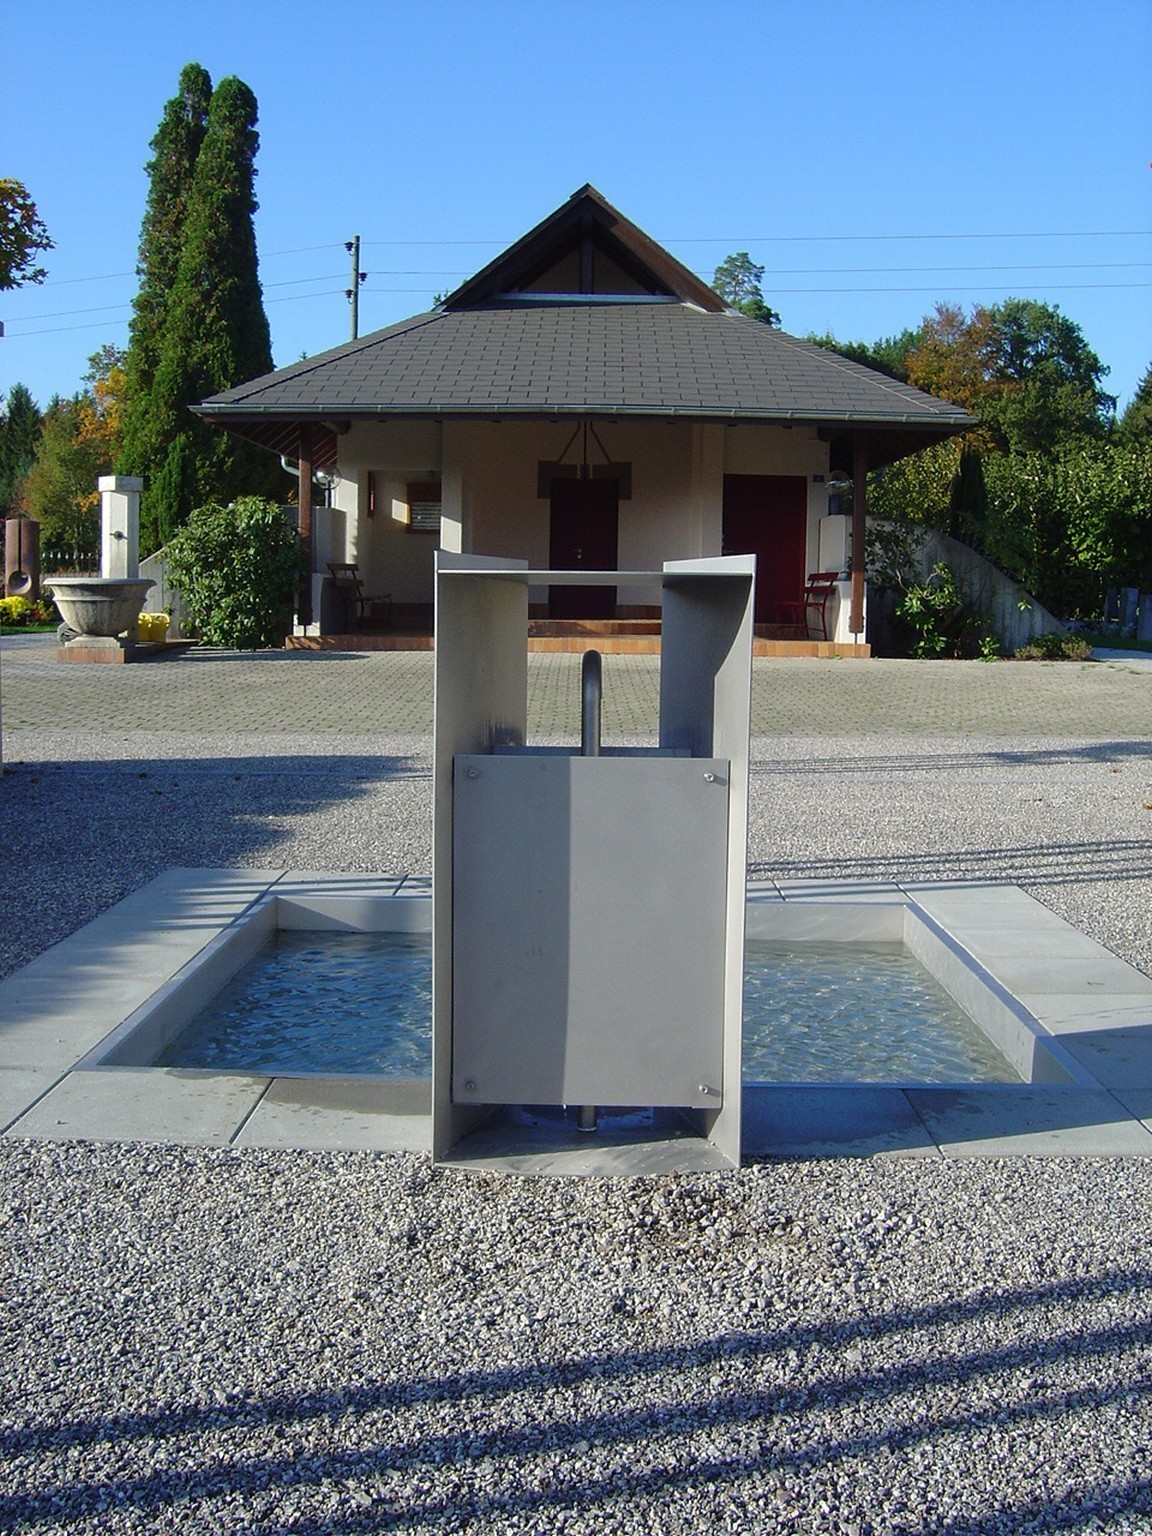 portrait_schnottwil2004friedhofanlage_4